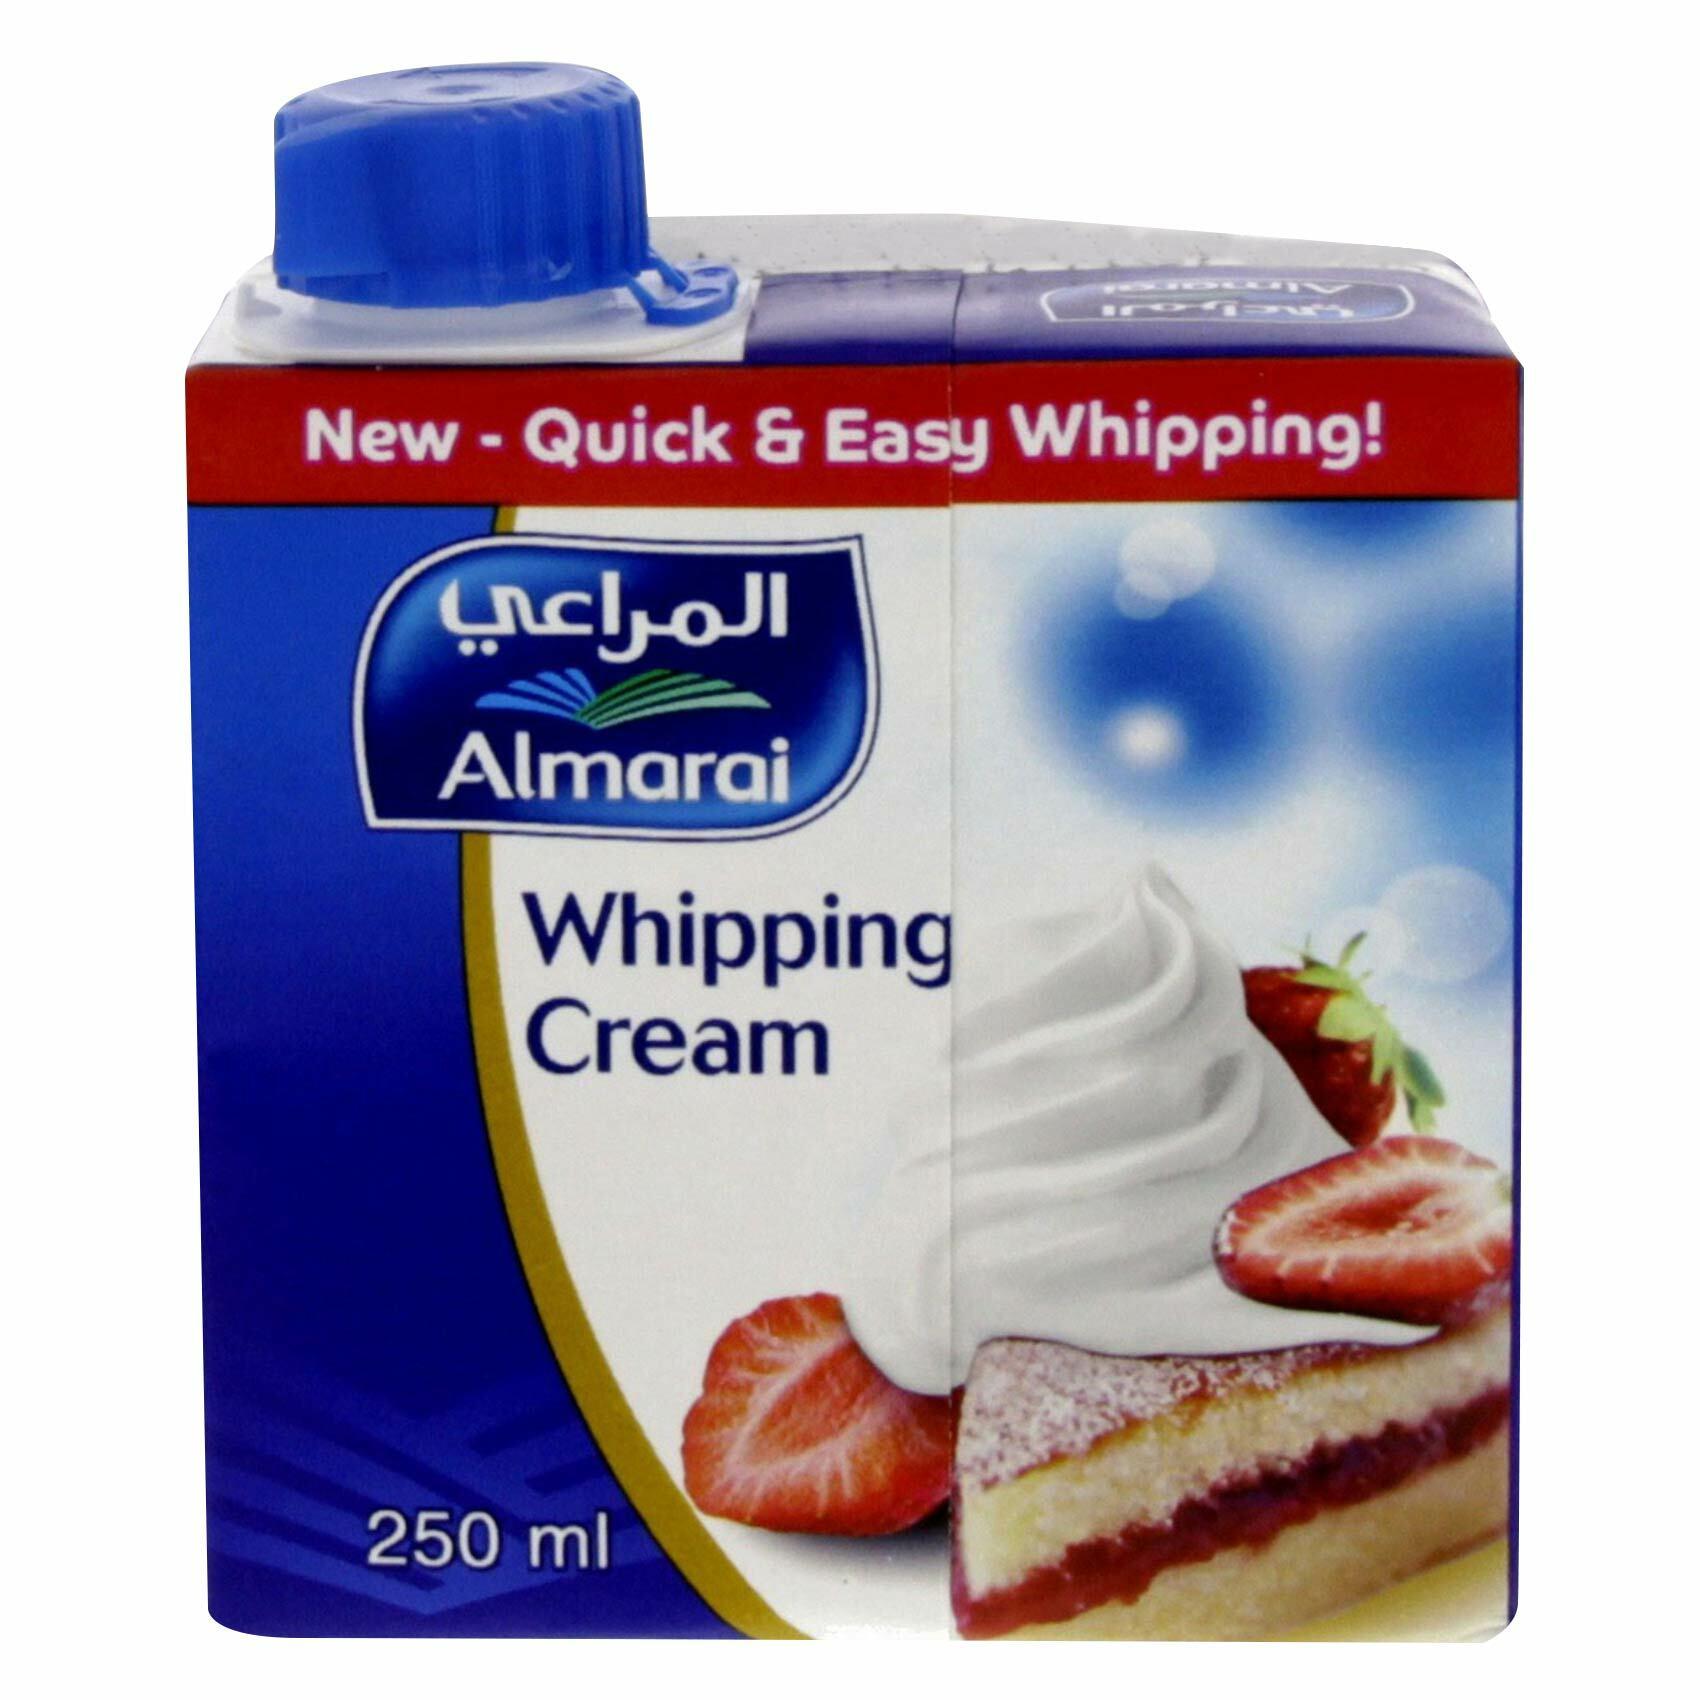 Buy Almarai Whipping Cream 250ml Online Shop Fresh Food On Carrefour Uae